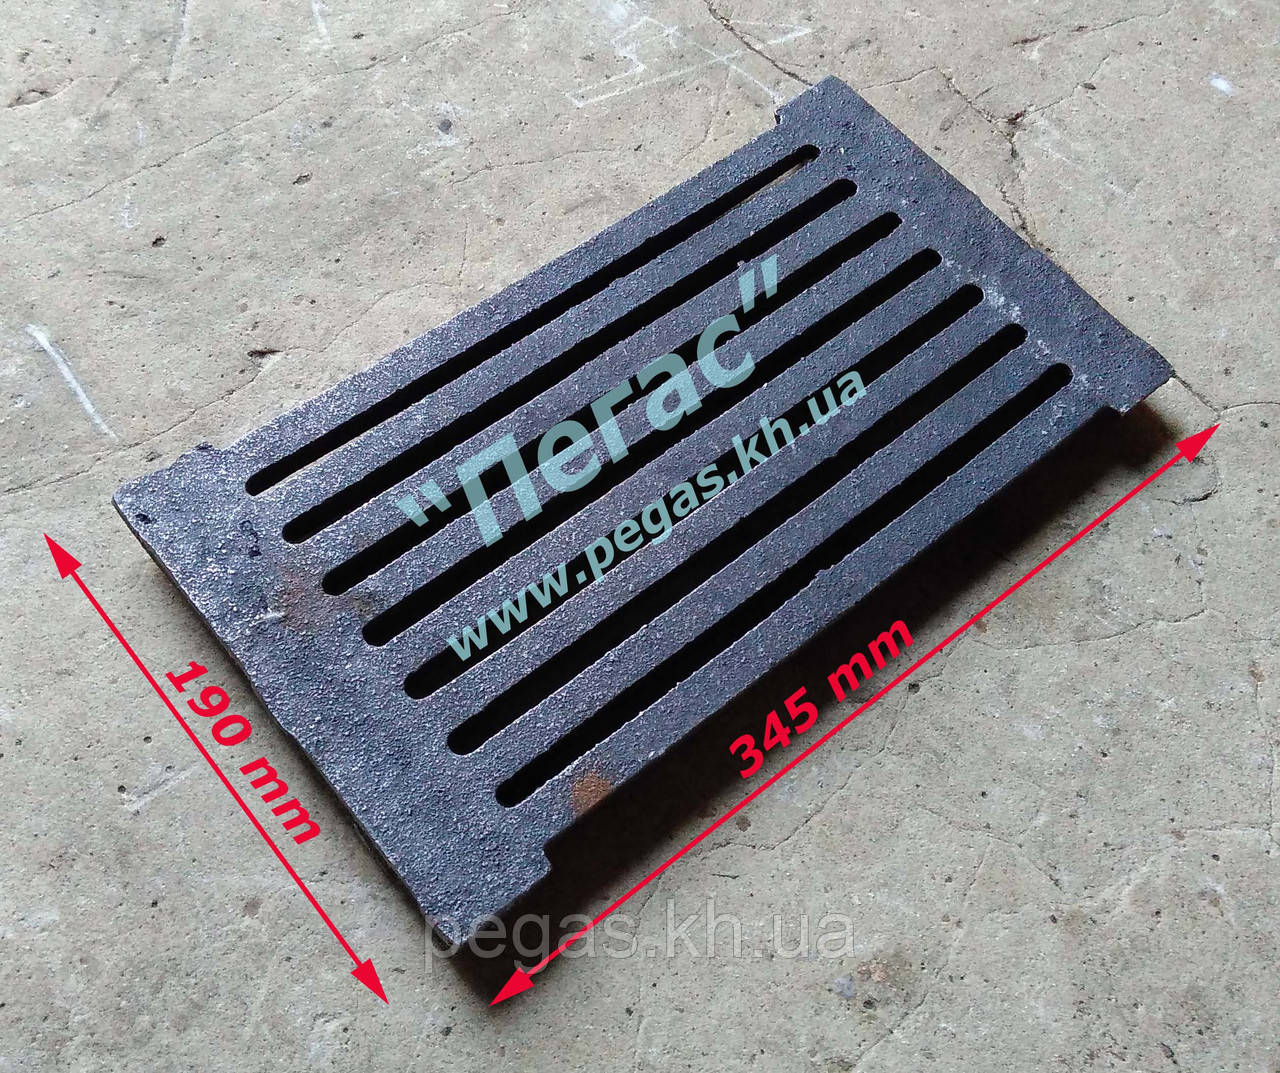 Колосник чугунный усиленный, чугунное литье, грубу, барбекю, мангал (190х345 мм)